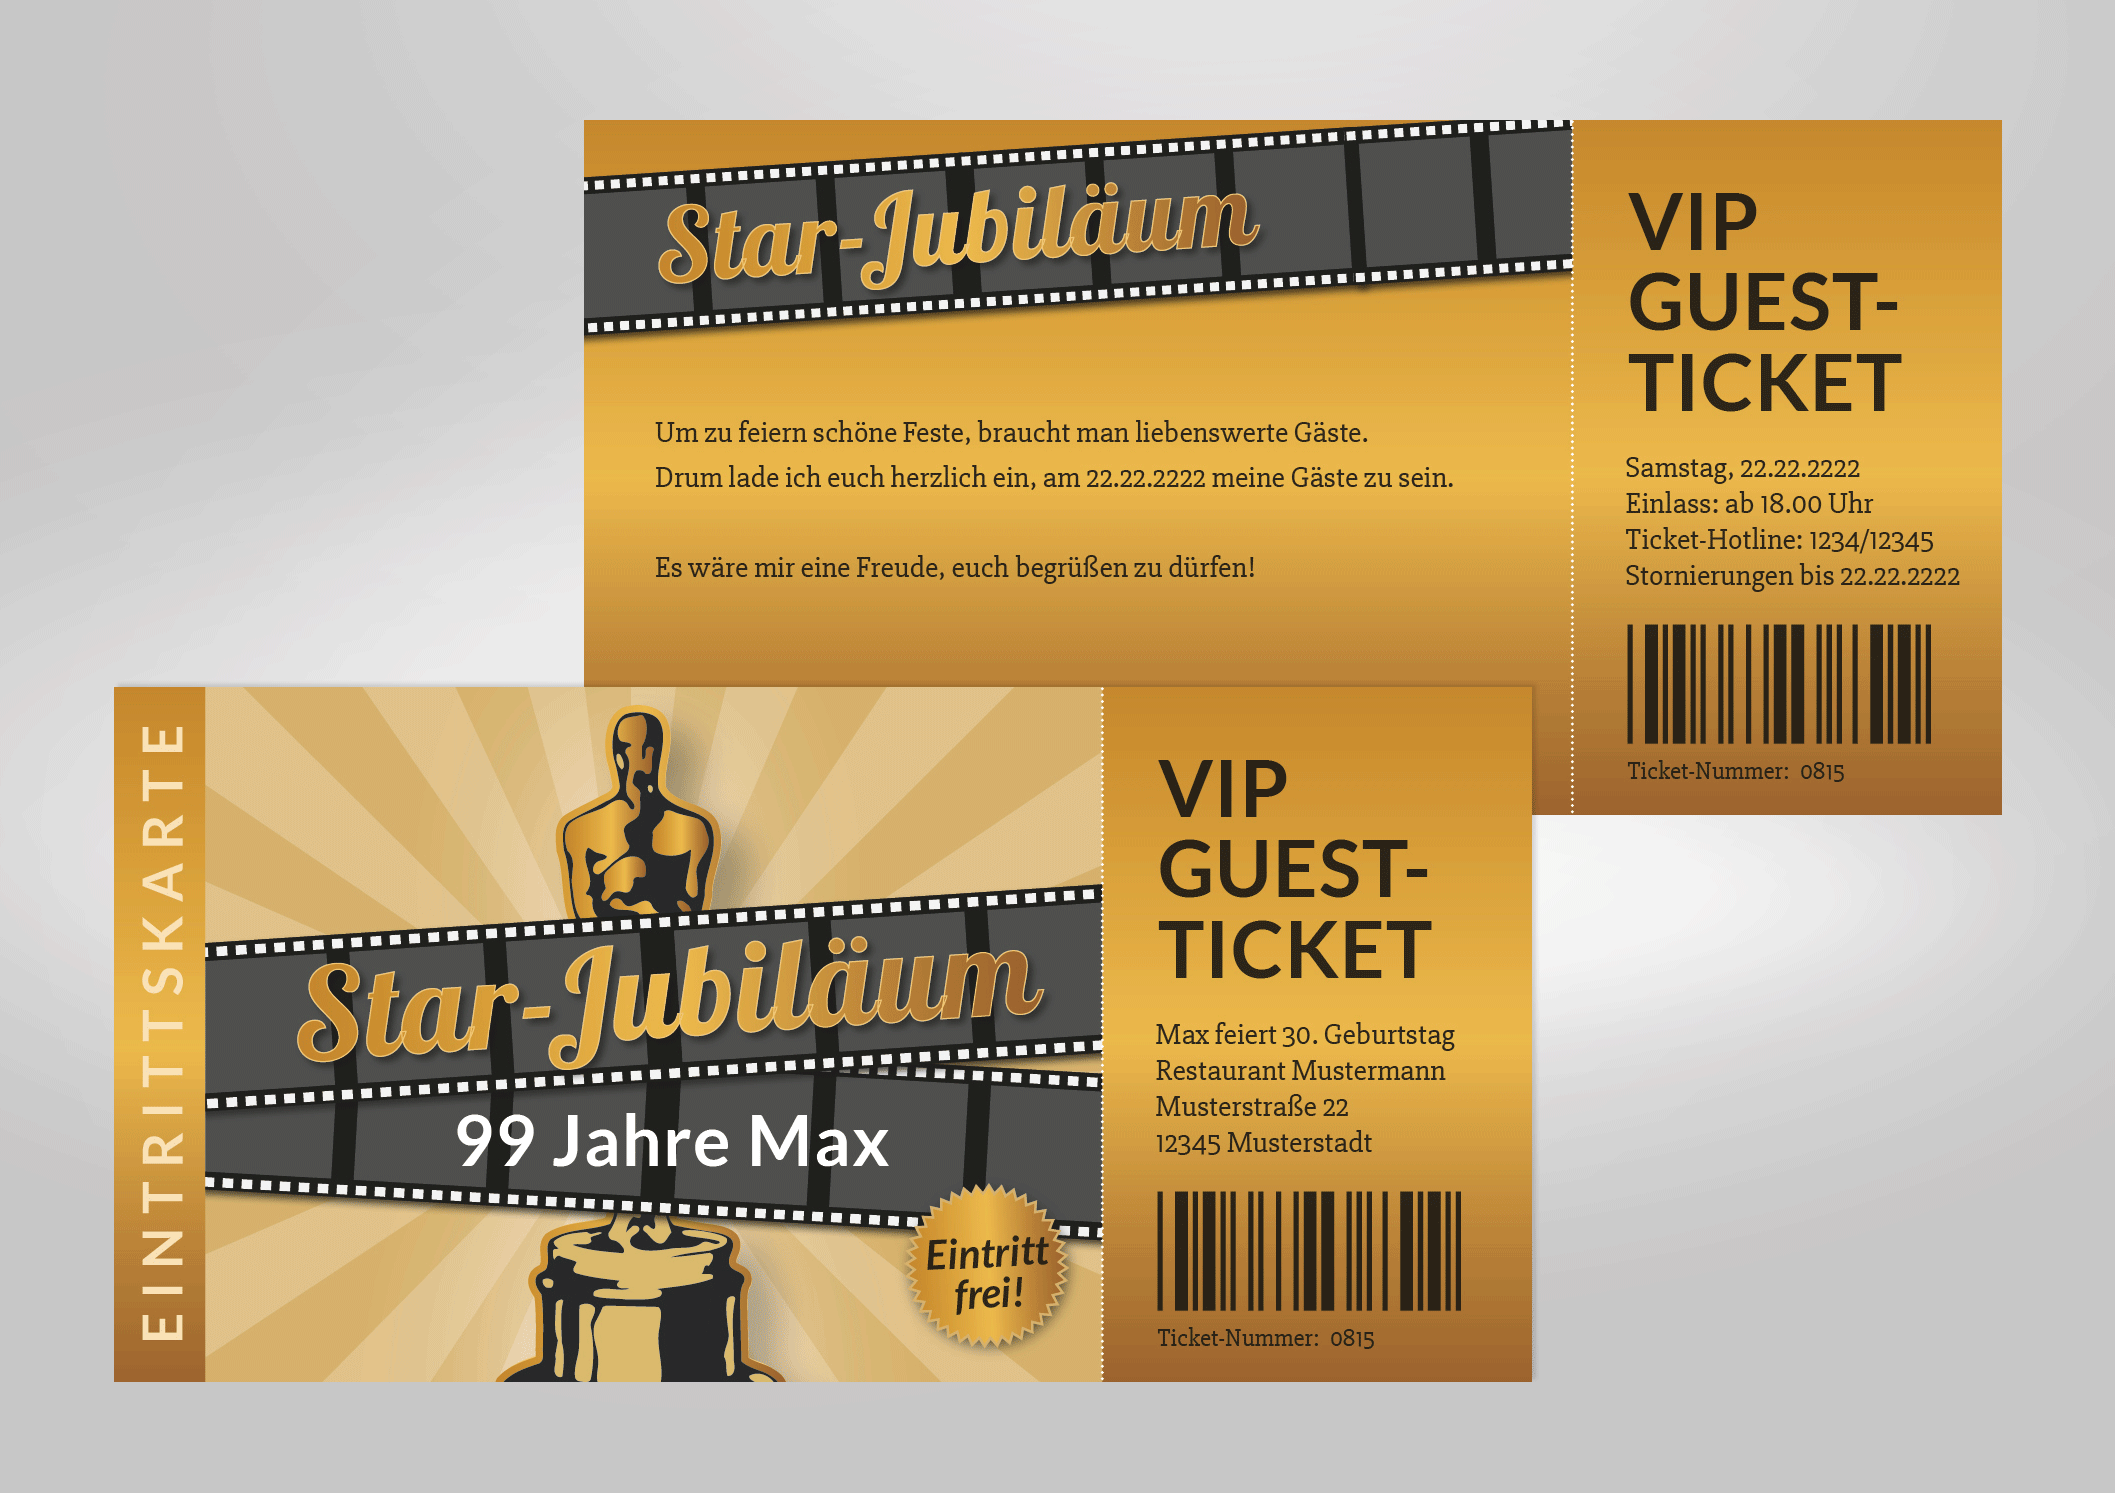 Einladungskarte Vip Ticket Zum Geburtstag Star Jubilaum Einladung Gestalten Einladungskarten Einladungskarten Hochzeit Gunstig